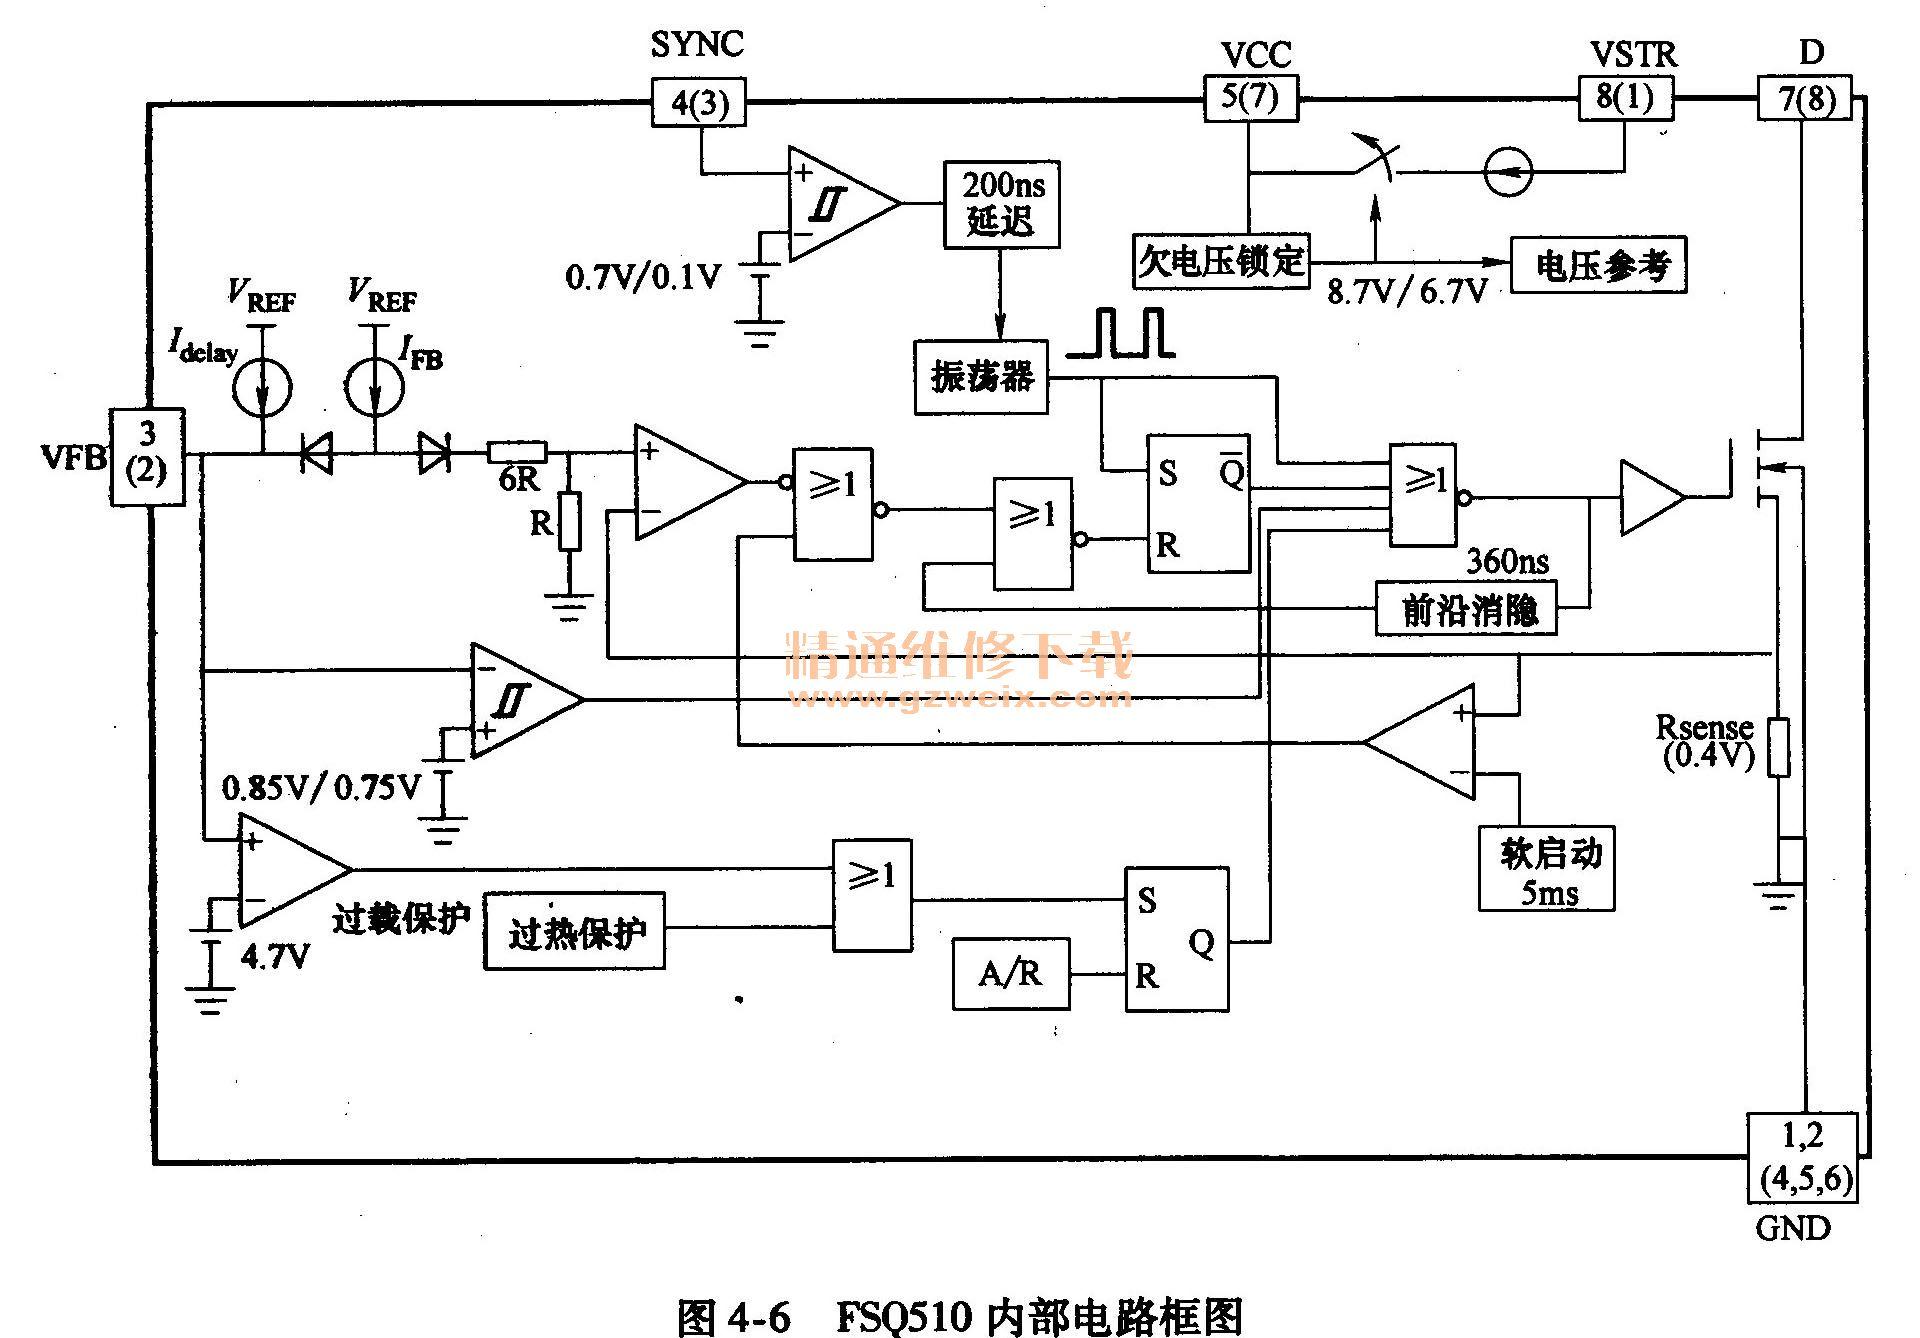 FSQ510内部电路框图